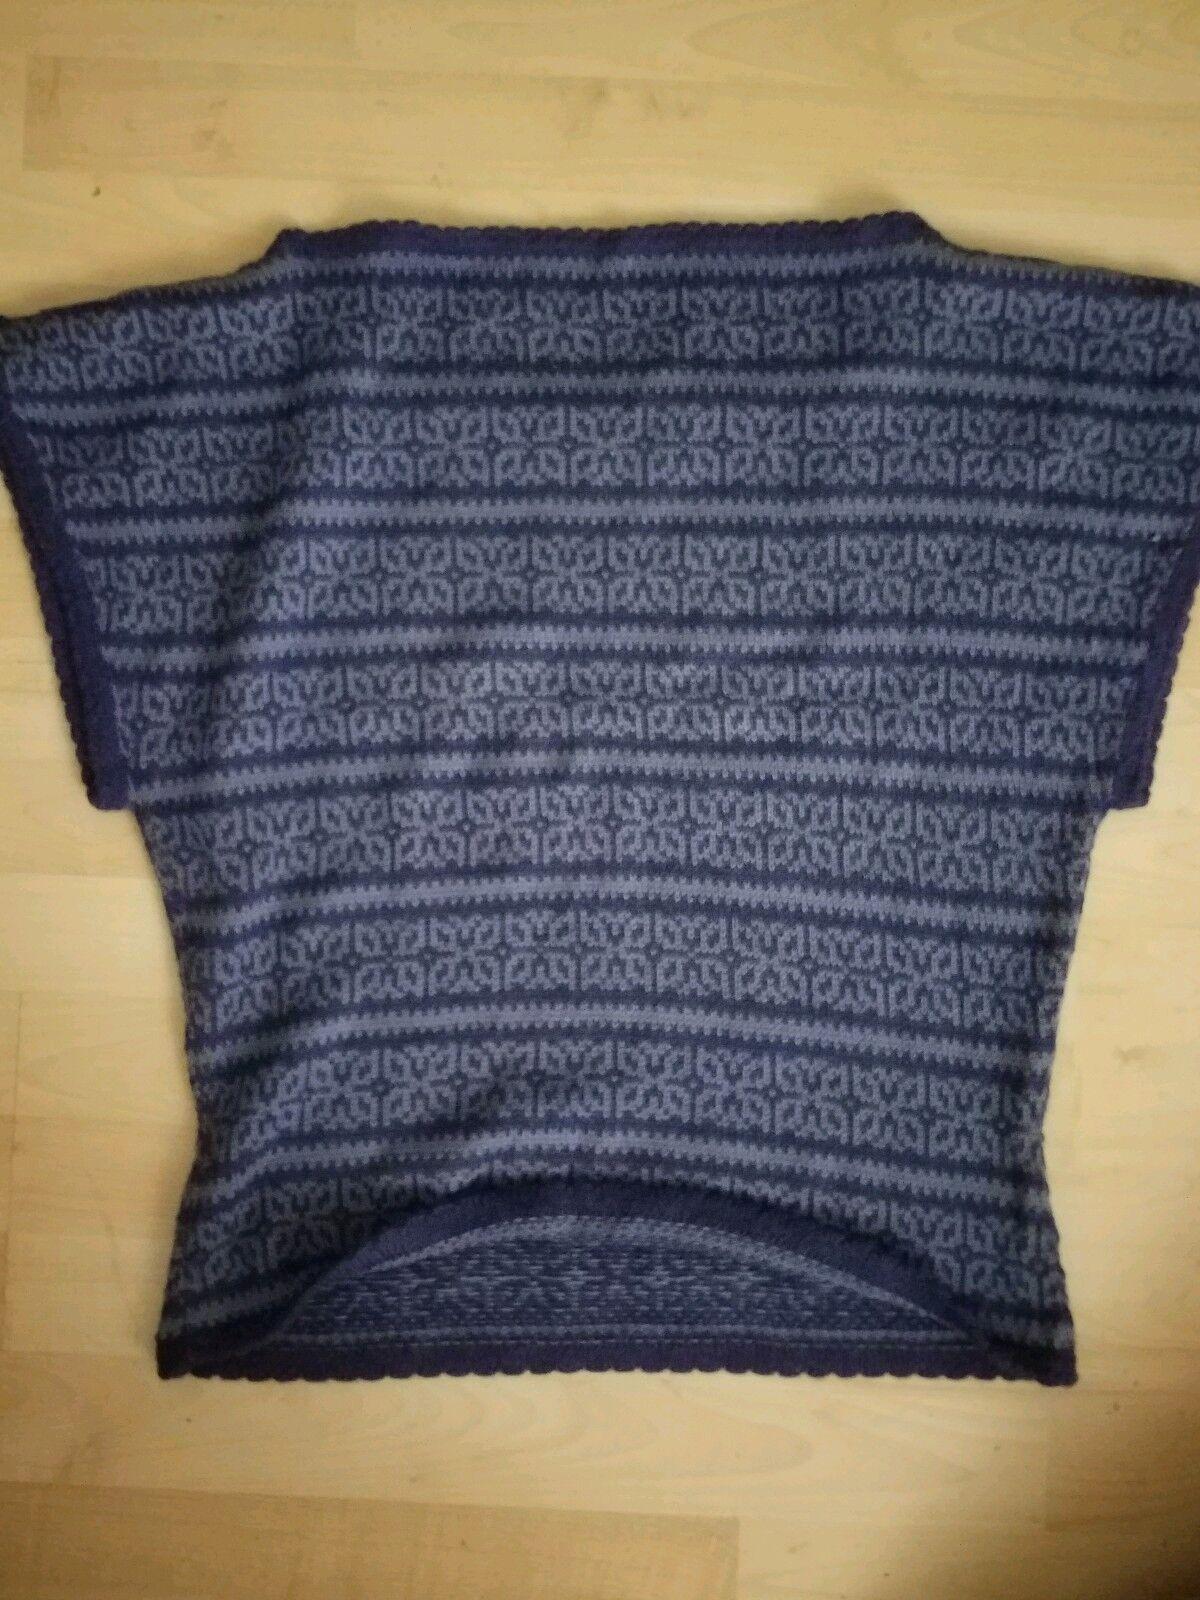 Alpaka 100 % Pollunder Weste Weste Weste Pullover blau Gr. M Herren | Hohe Qualität und günstig  550231